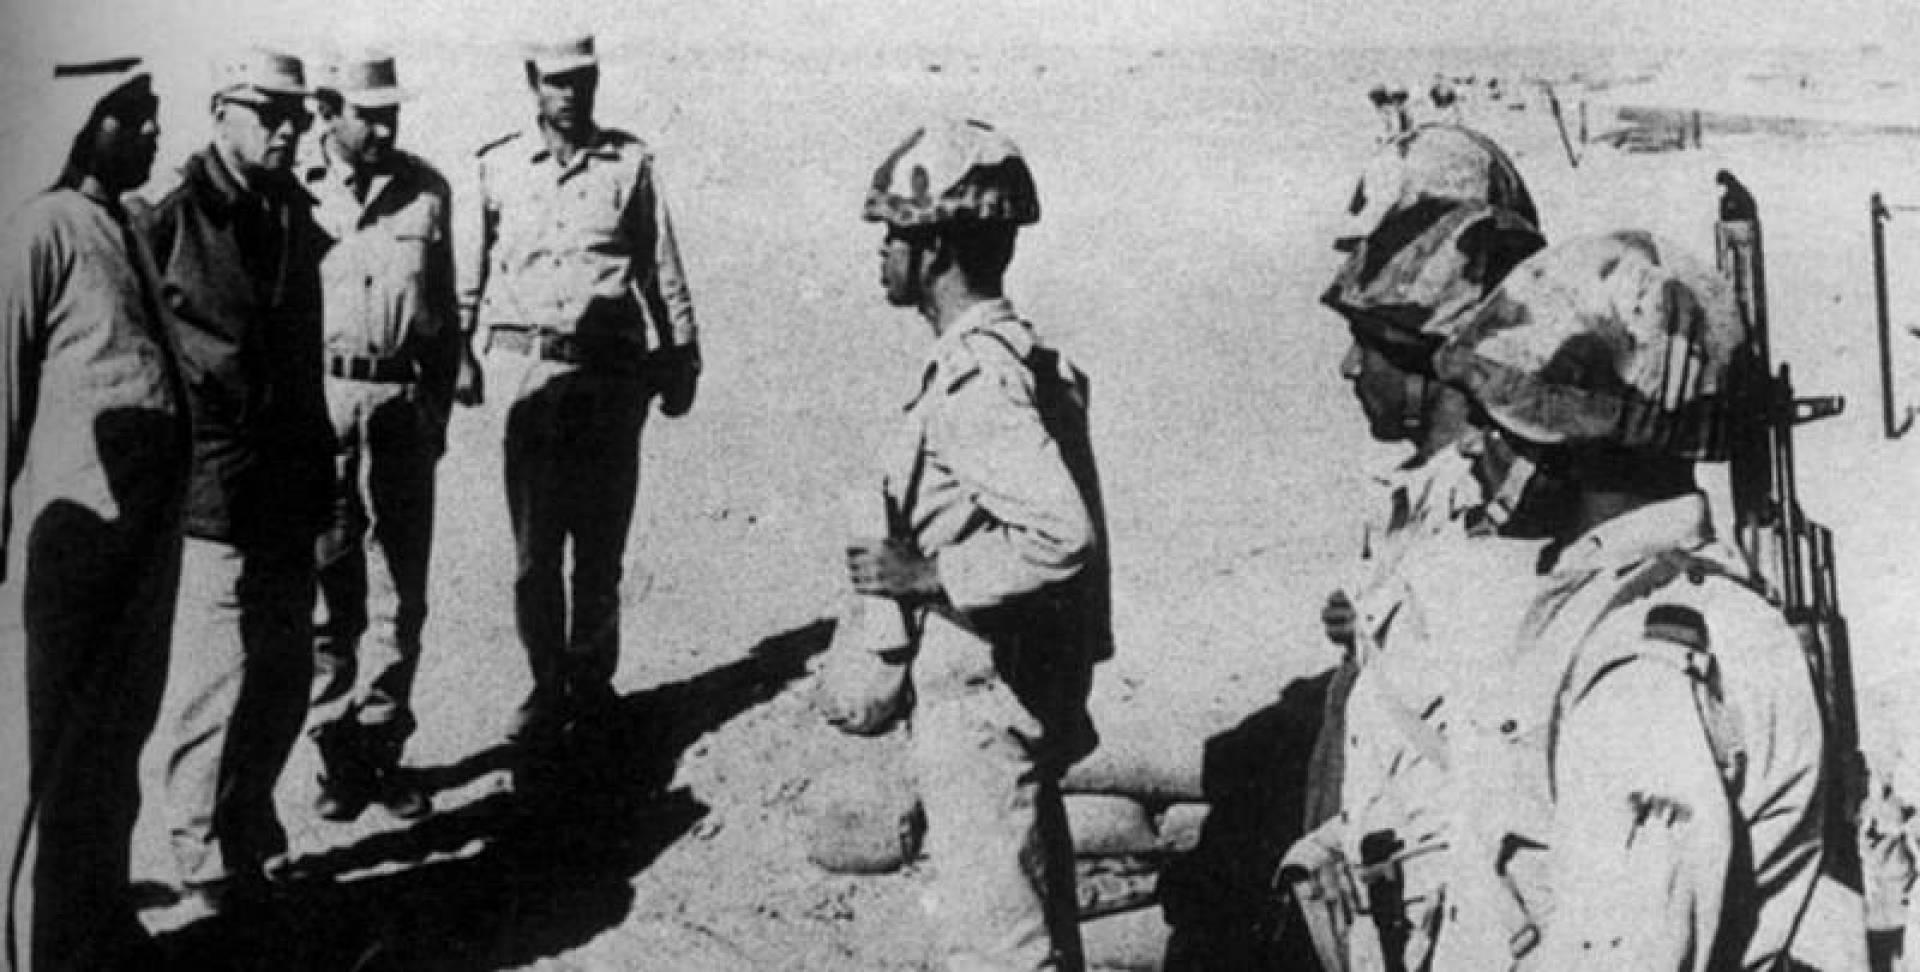 الشيخ سعد يتفقد القوات على الجبهة المصرية عام 1972.. صورة أرشيفية